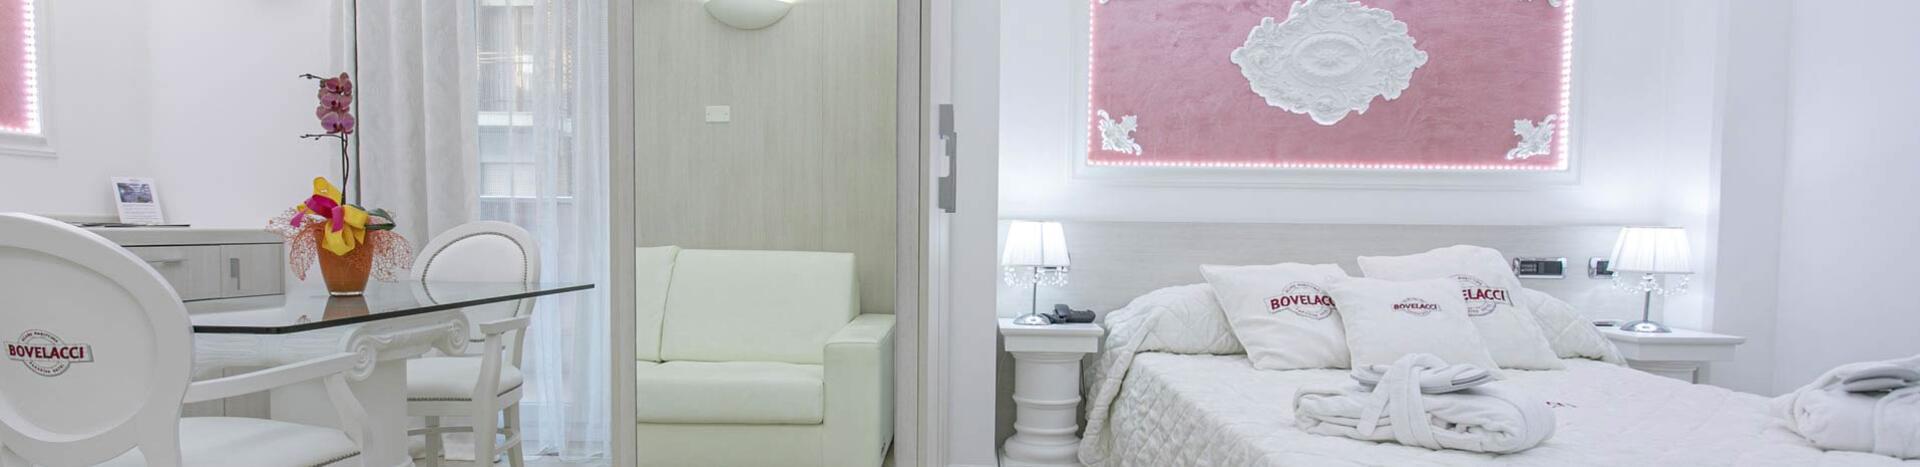 hotelparadisomilanomarittima en excite-rooms 001